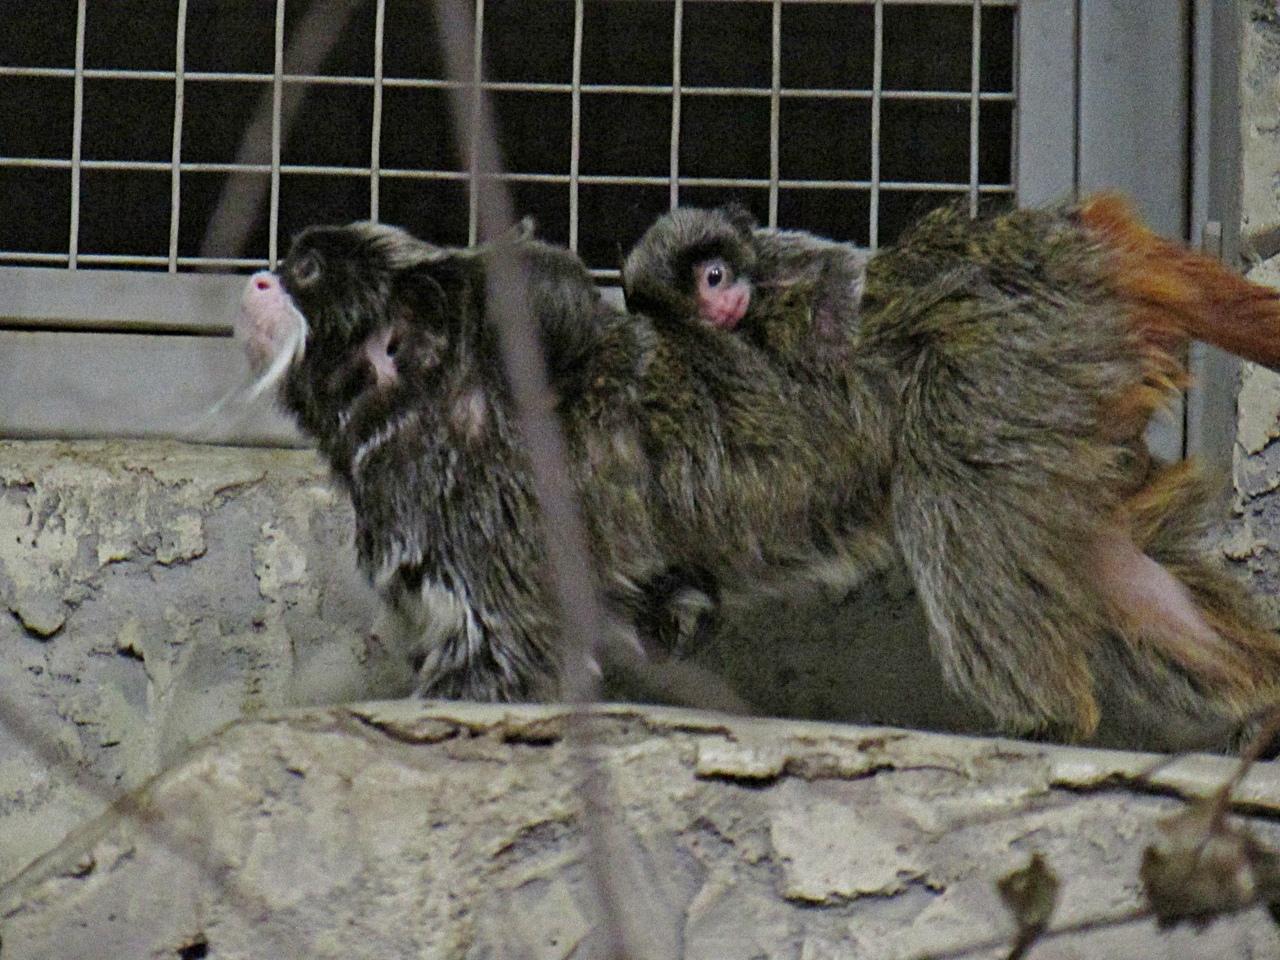 Императорские тамарины размножаются в Новосибирском зоопарке с 2016 года